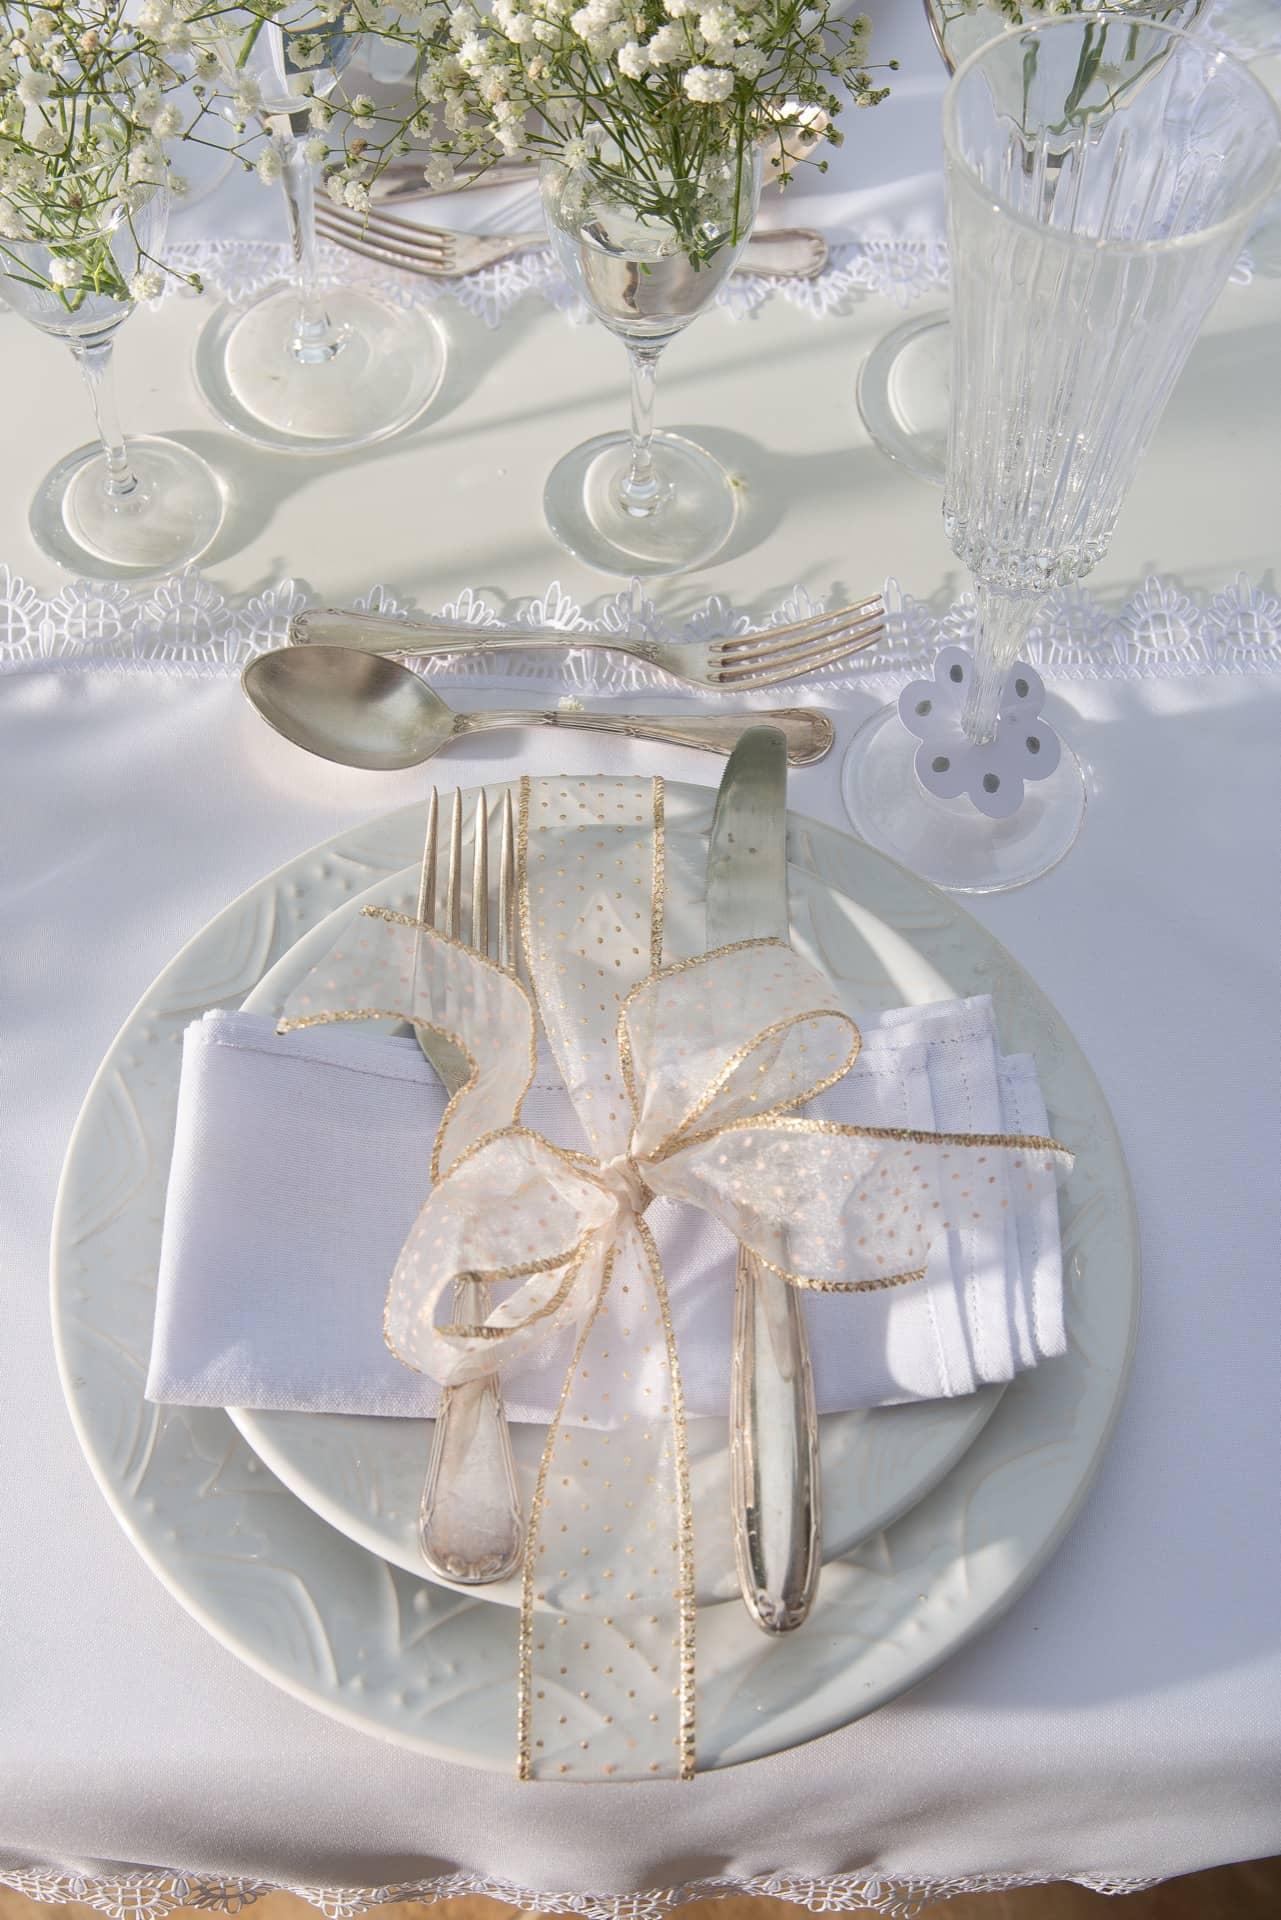 Imagem: Os pratos Serena White, da Oxford, aparecem embrulhados em fitas transparentes com detalhes dourados. Como a mesa está ao ar livre, os talheres ficam sobre os guardanapos para que estes não voem. Foto: Cacá Bratke